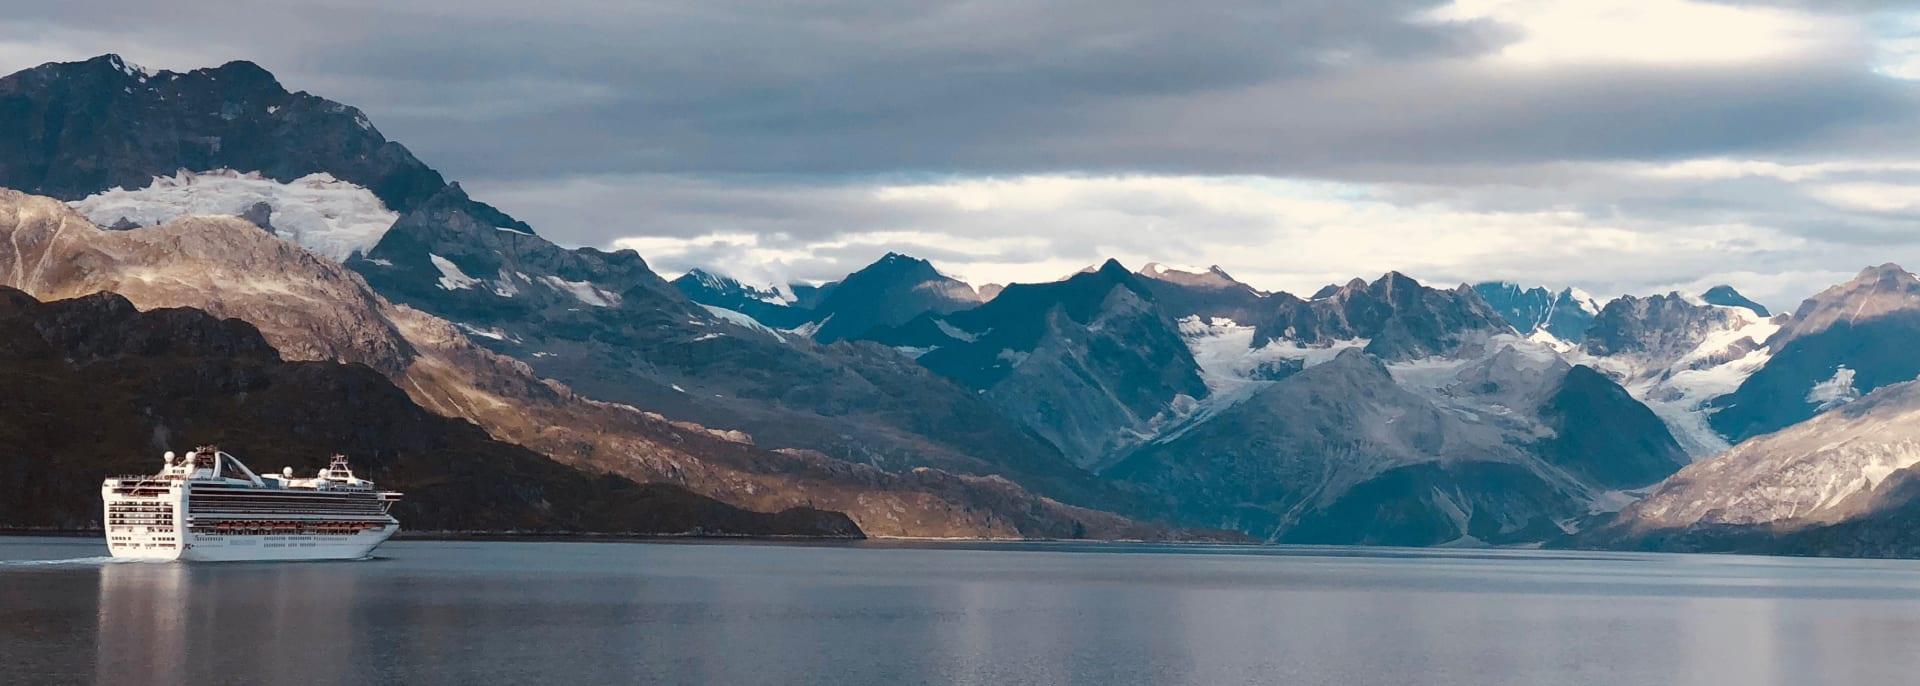 Skaqway, Alaska